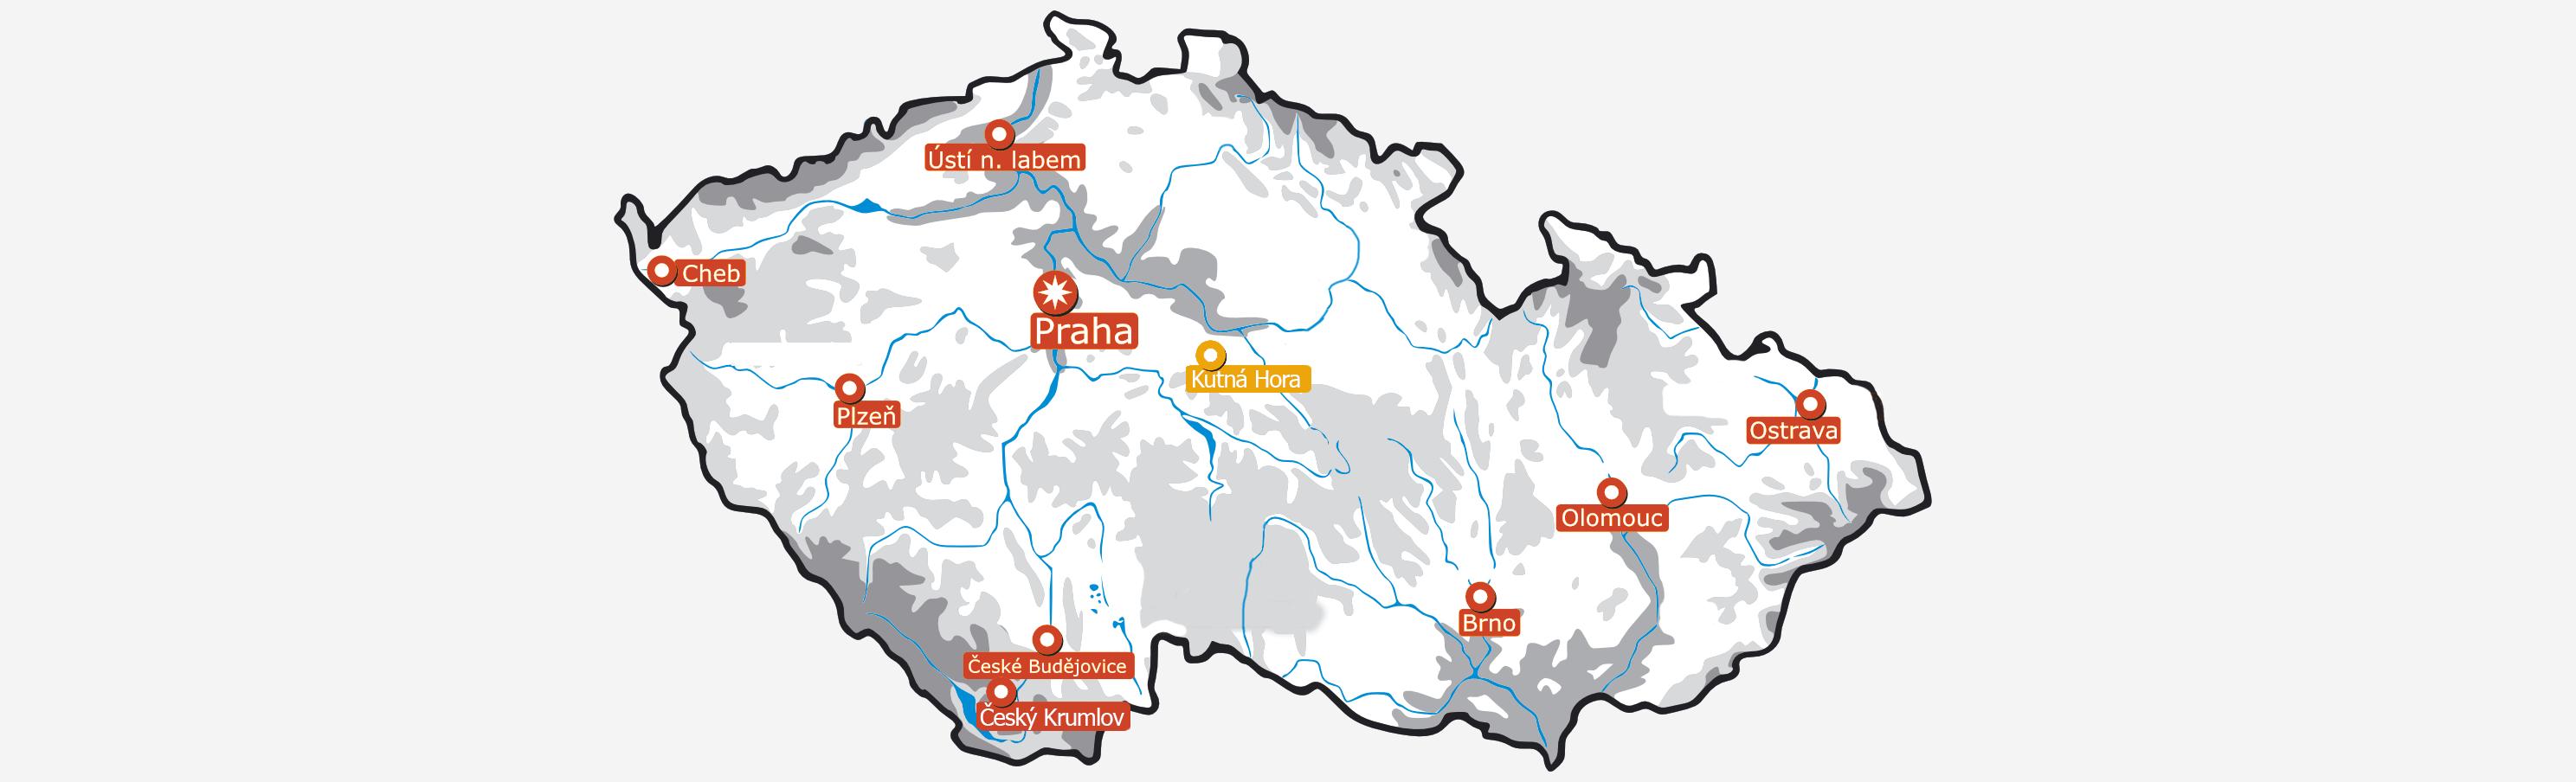 EMLG mapa (KH)